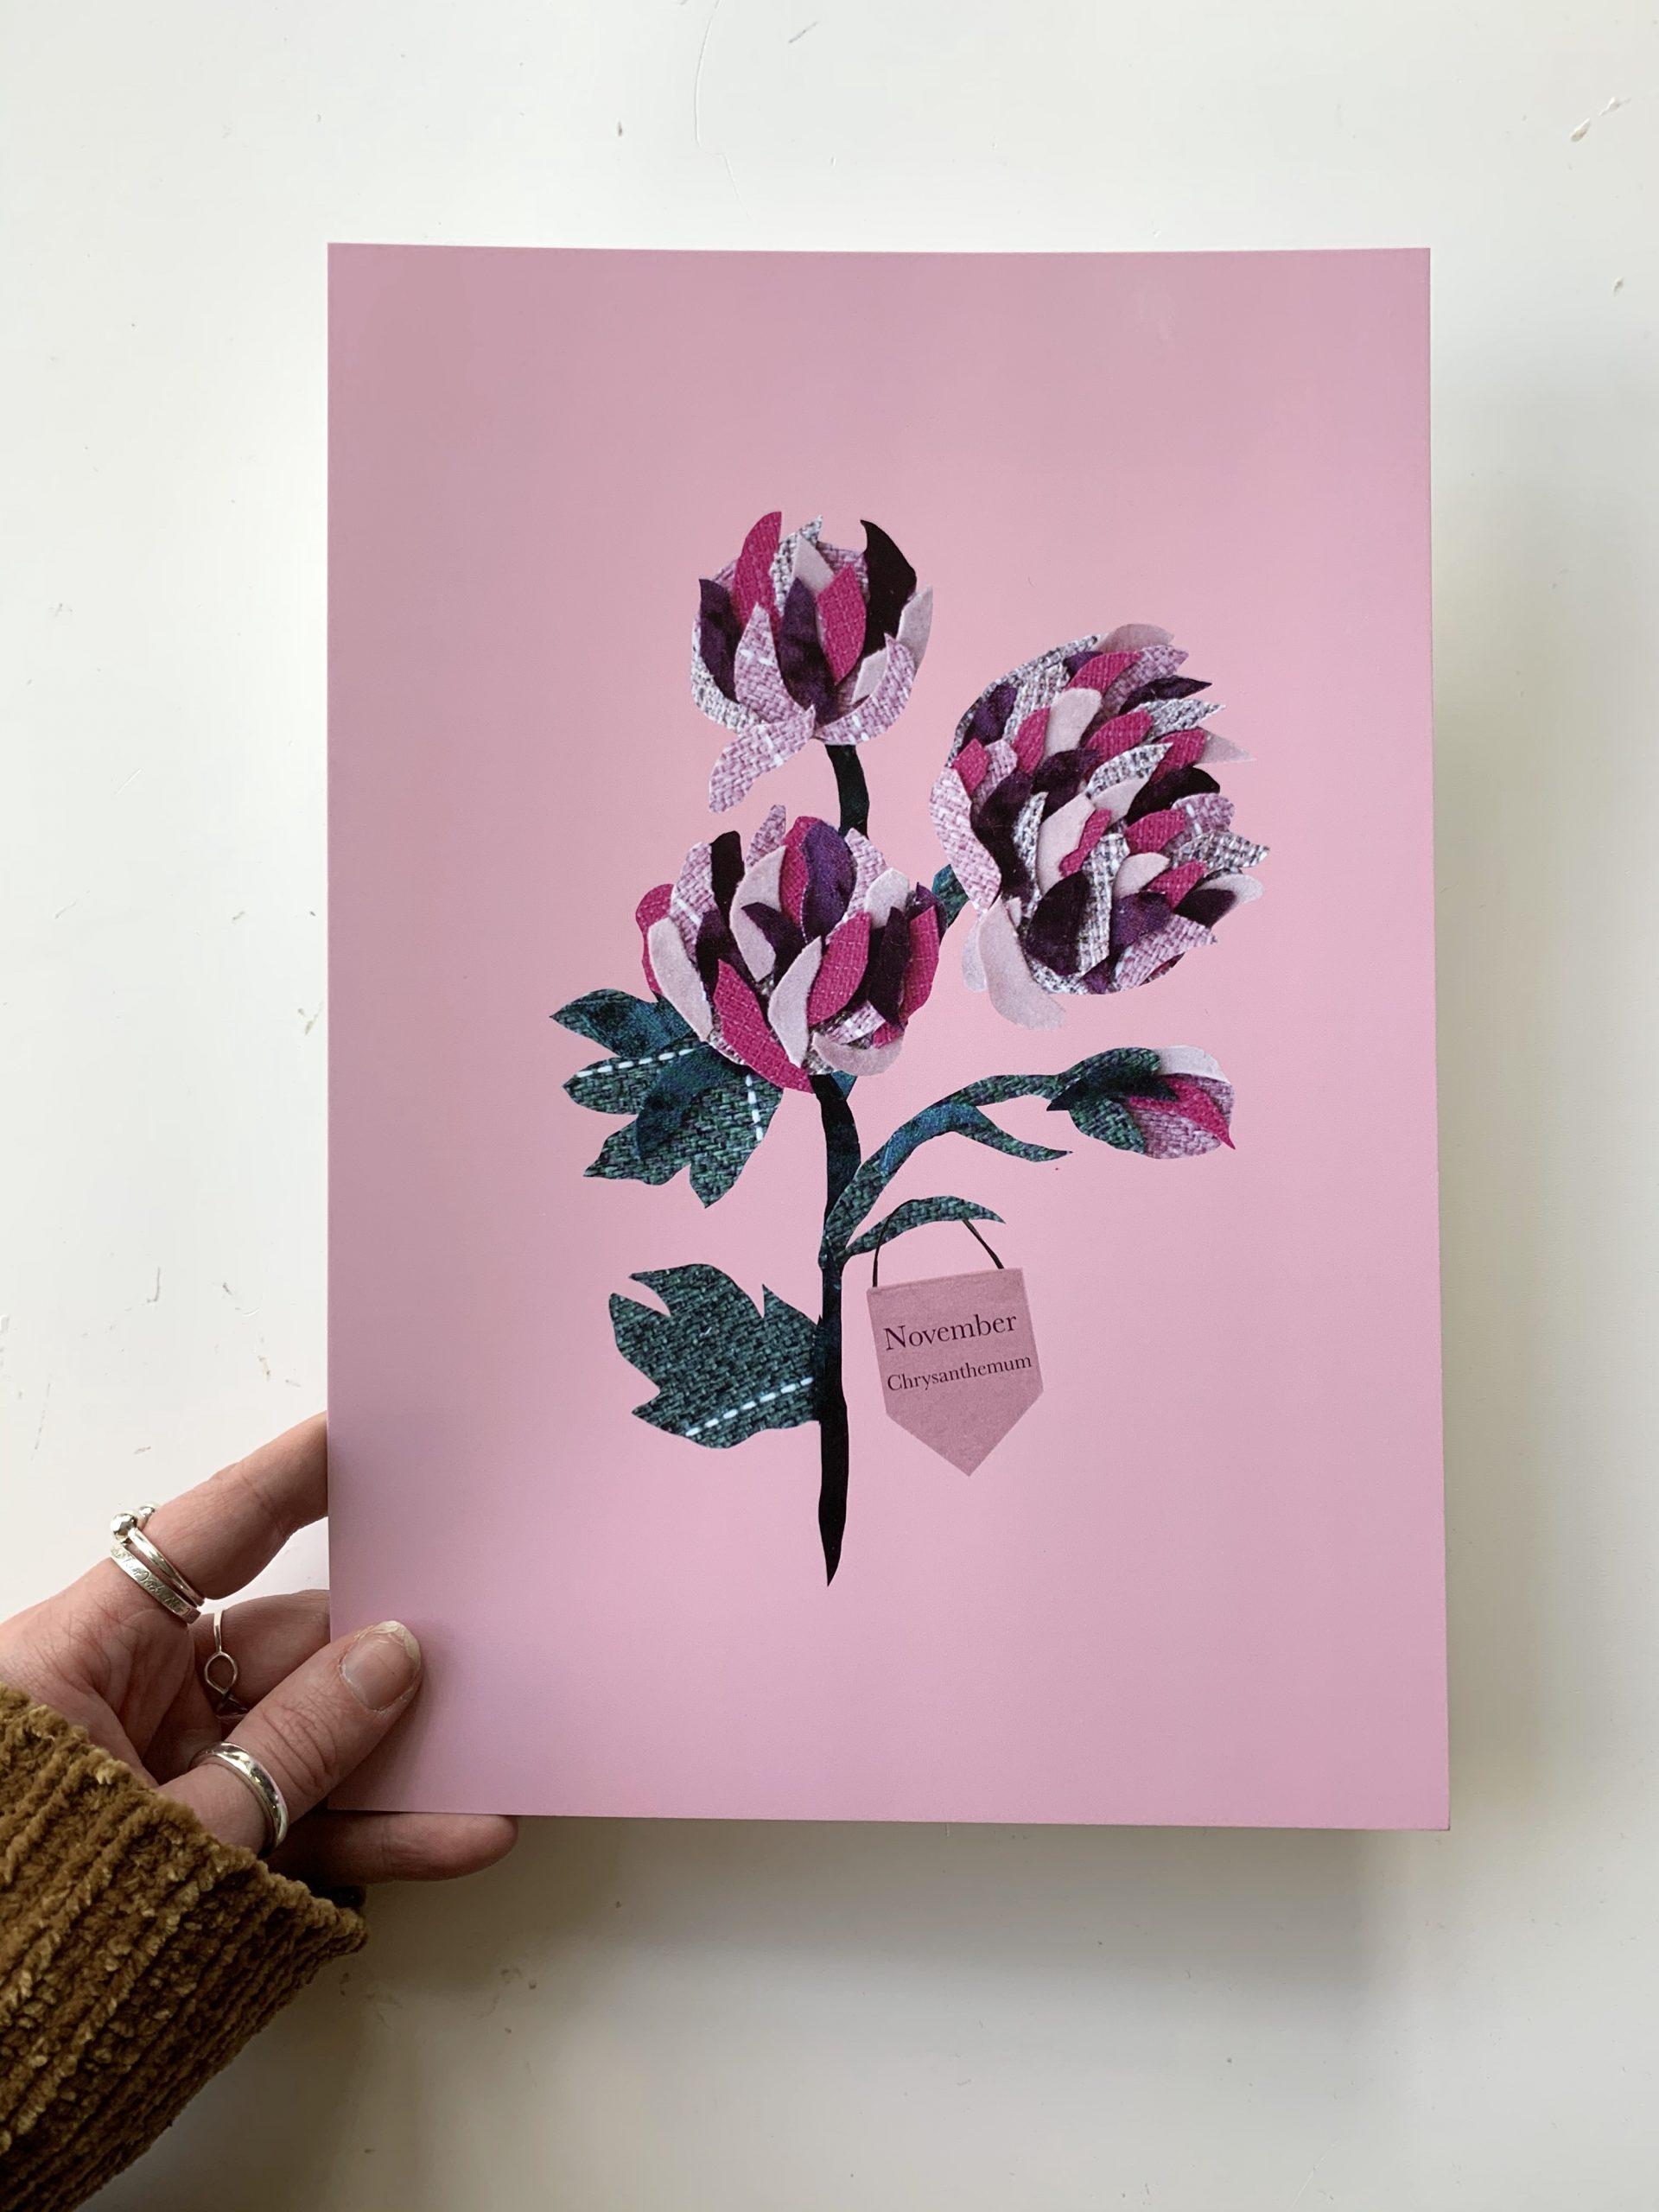 Floral birth month flower print for November- Chrysanthemum